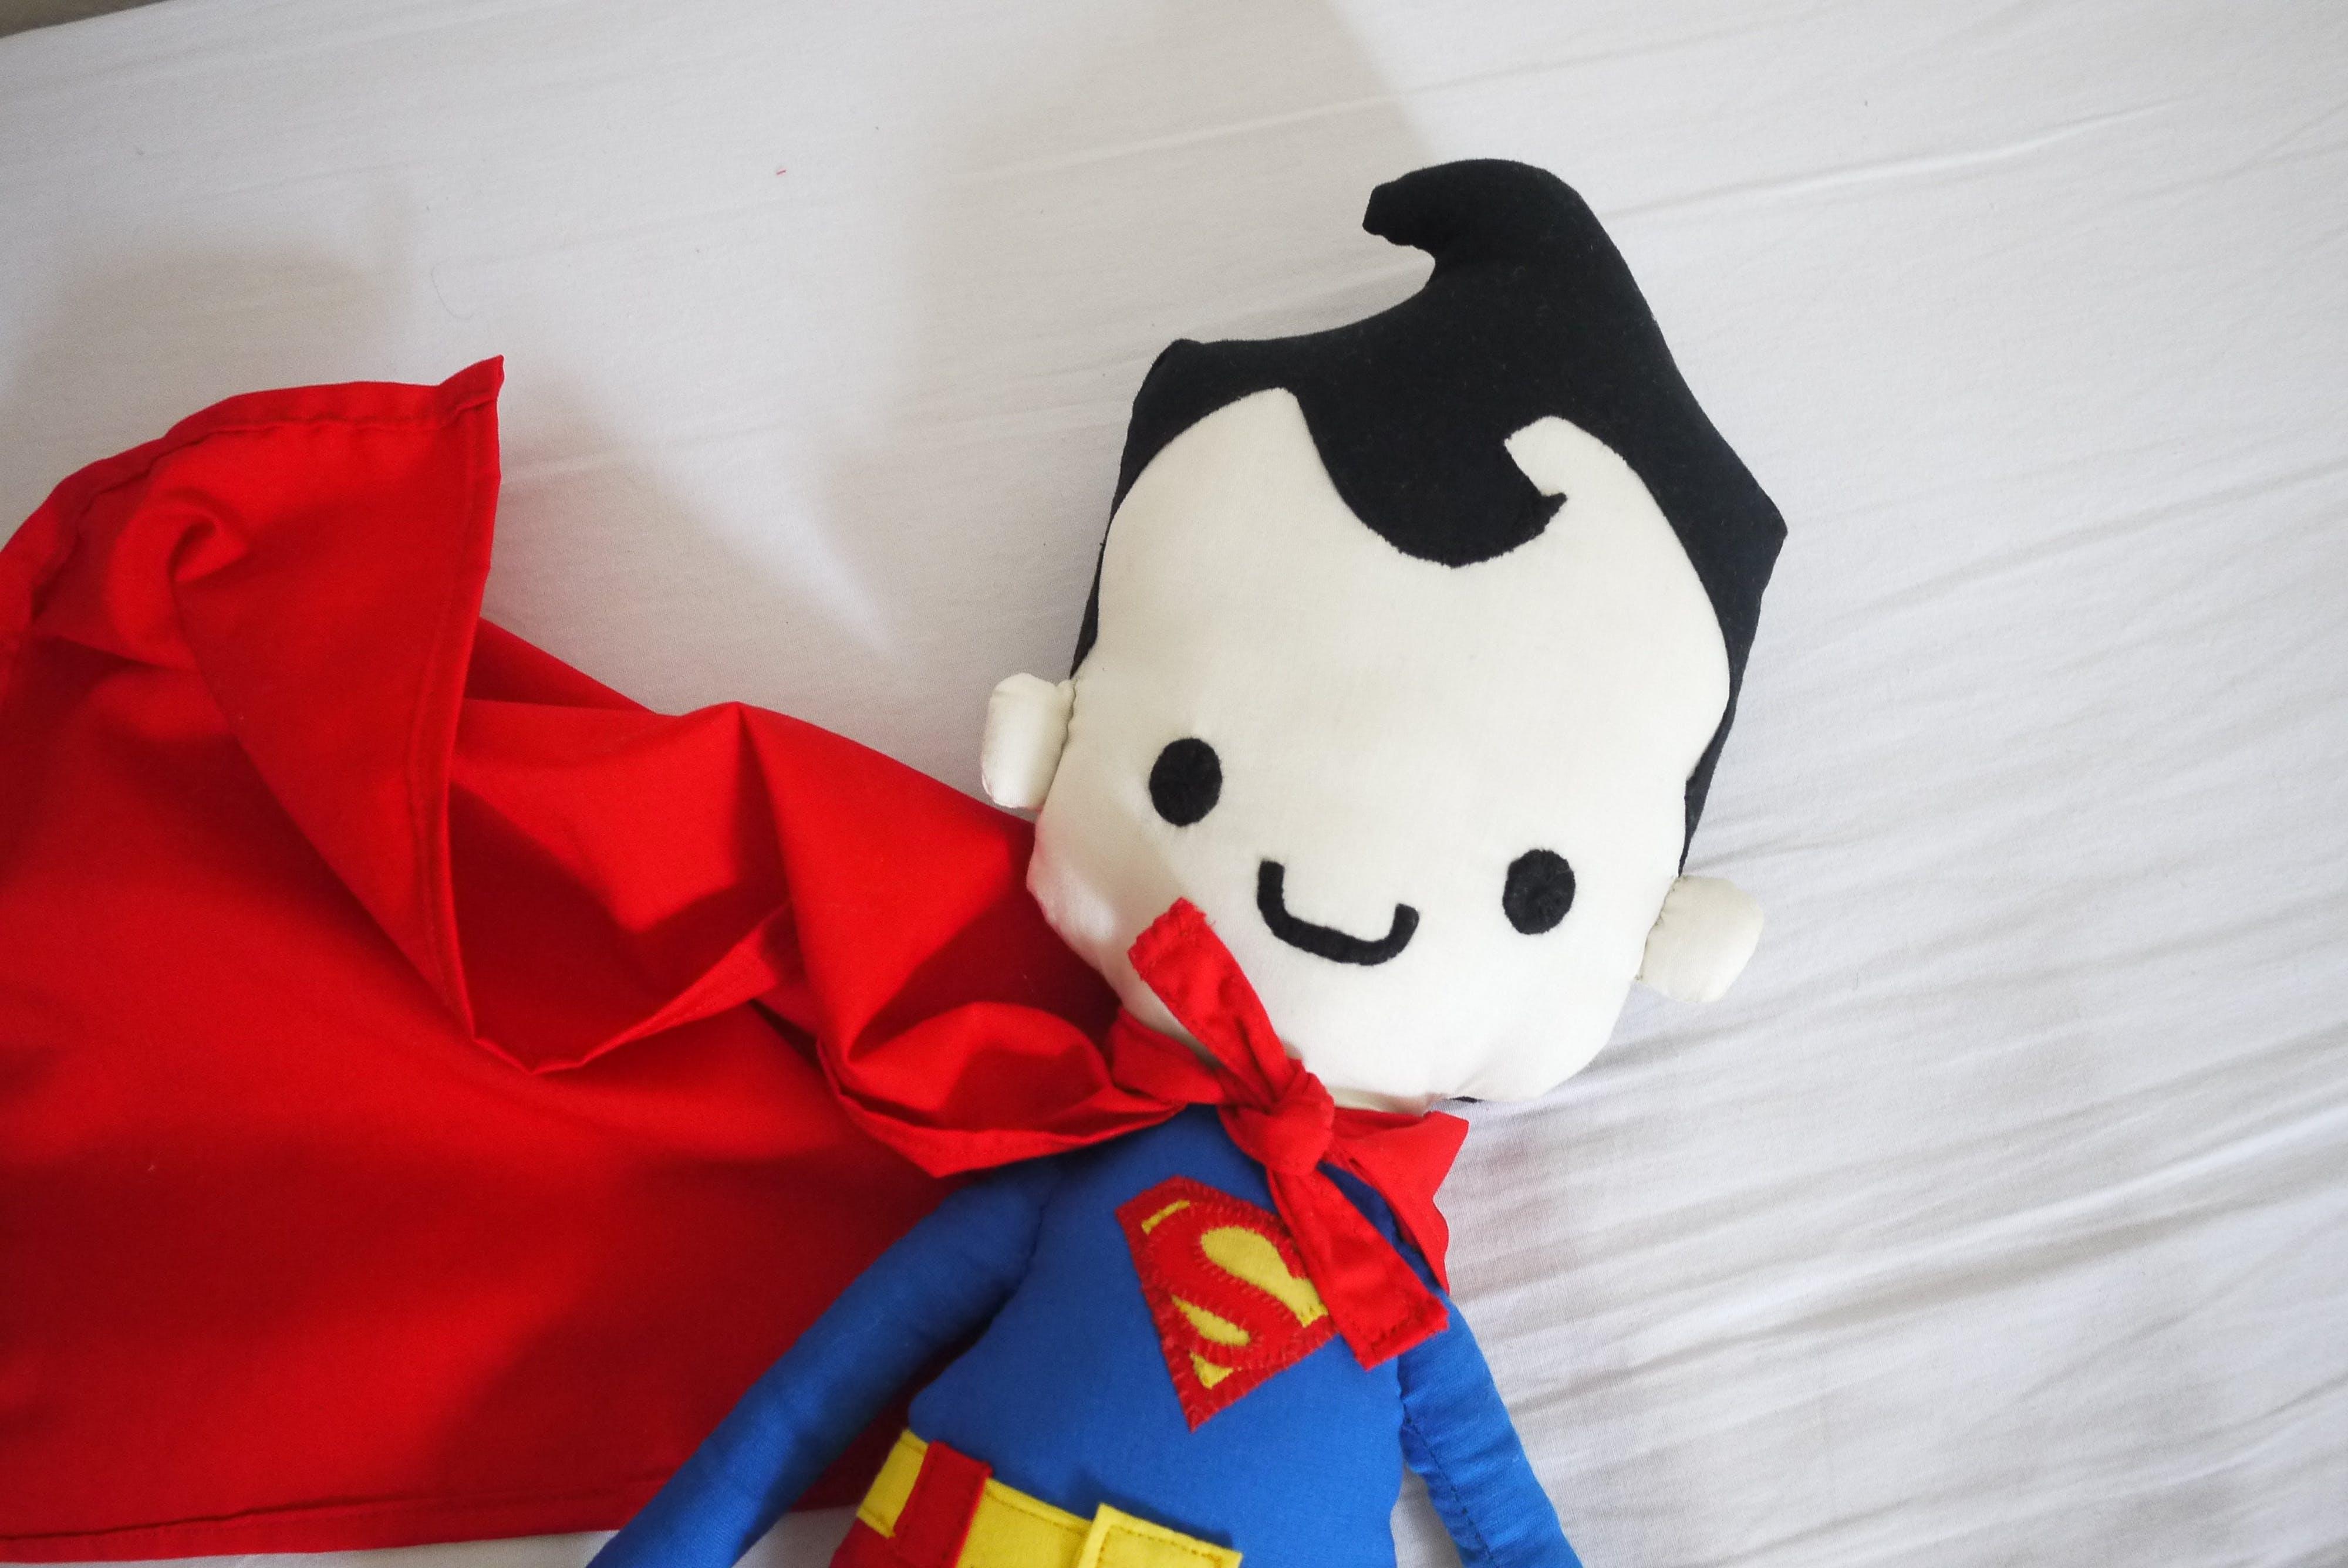 Free stock photo of children toys, plush, plush toy, soft toy